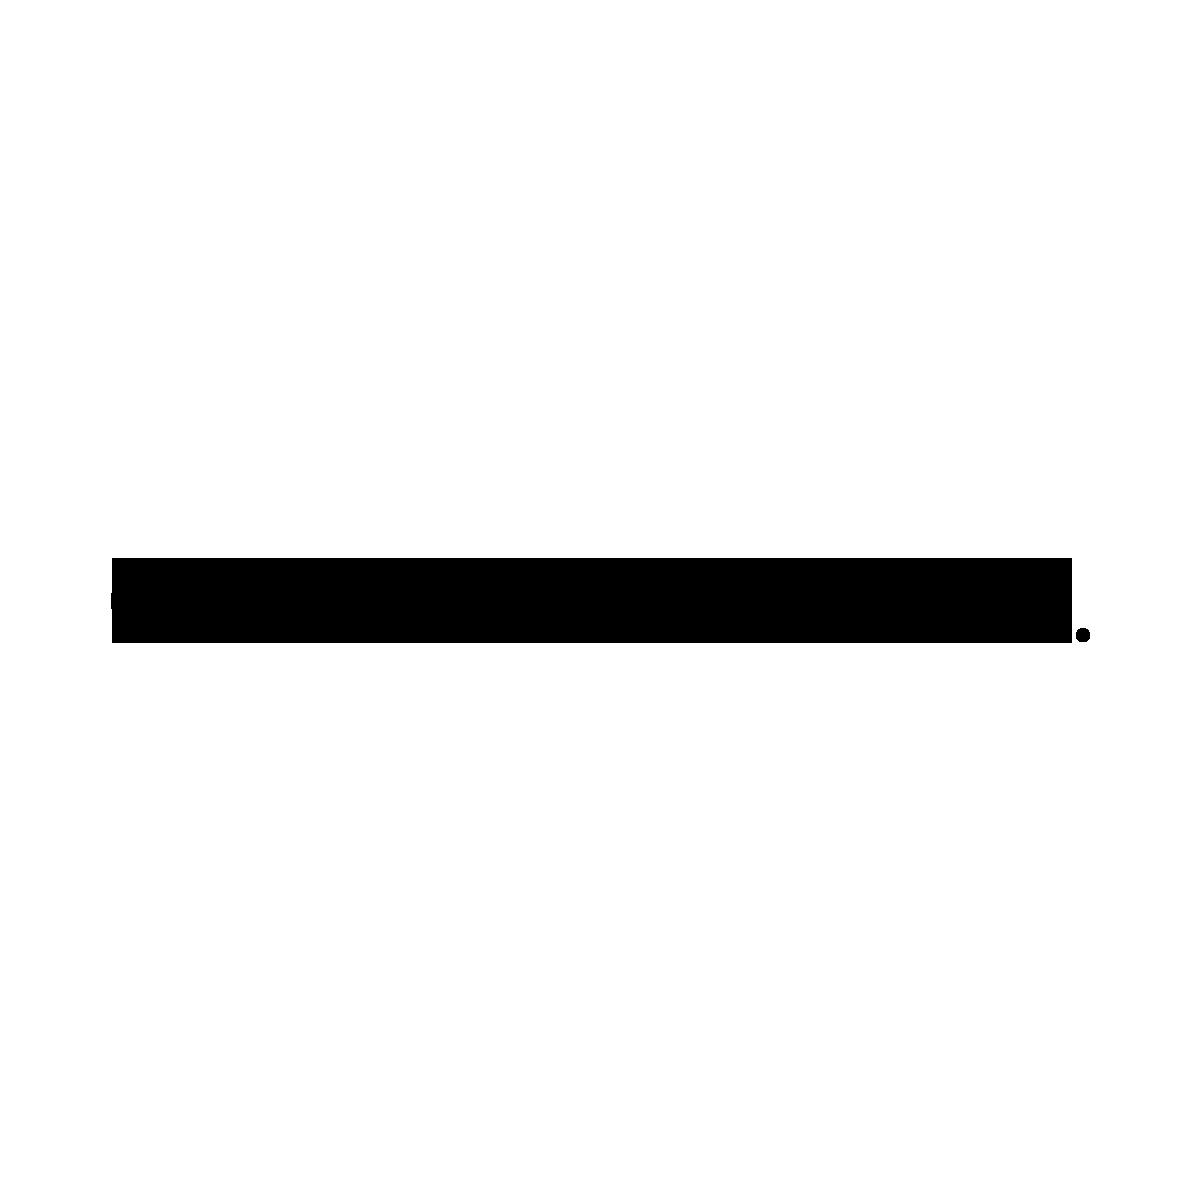 fred de la bretoniere klein schoudertas in taupekleurig suède 261010011 op model